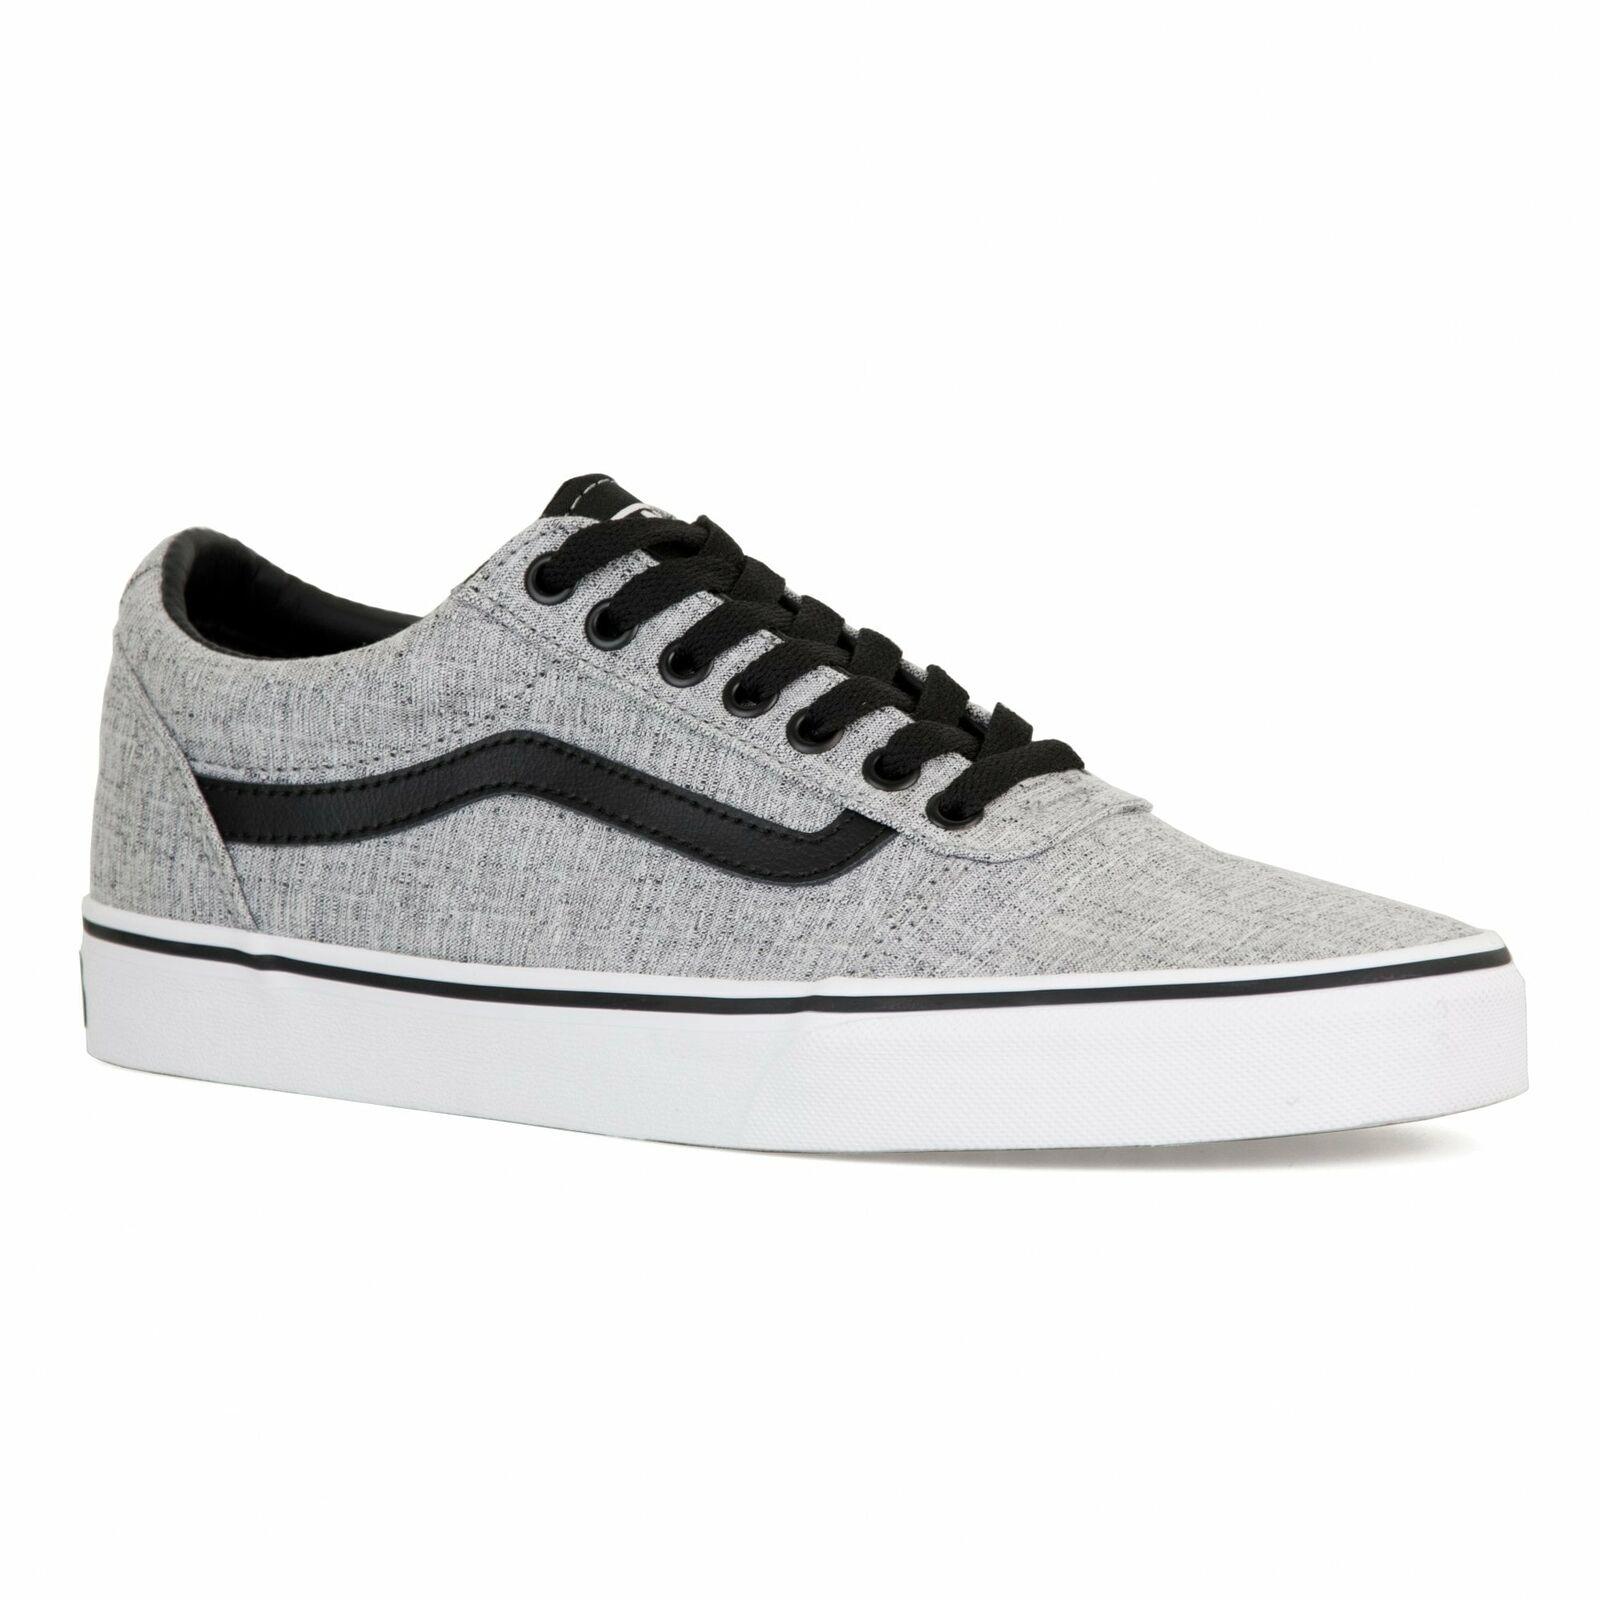 Zapatillas textil Vans para hombre Ward (gris)